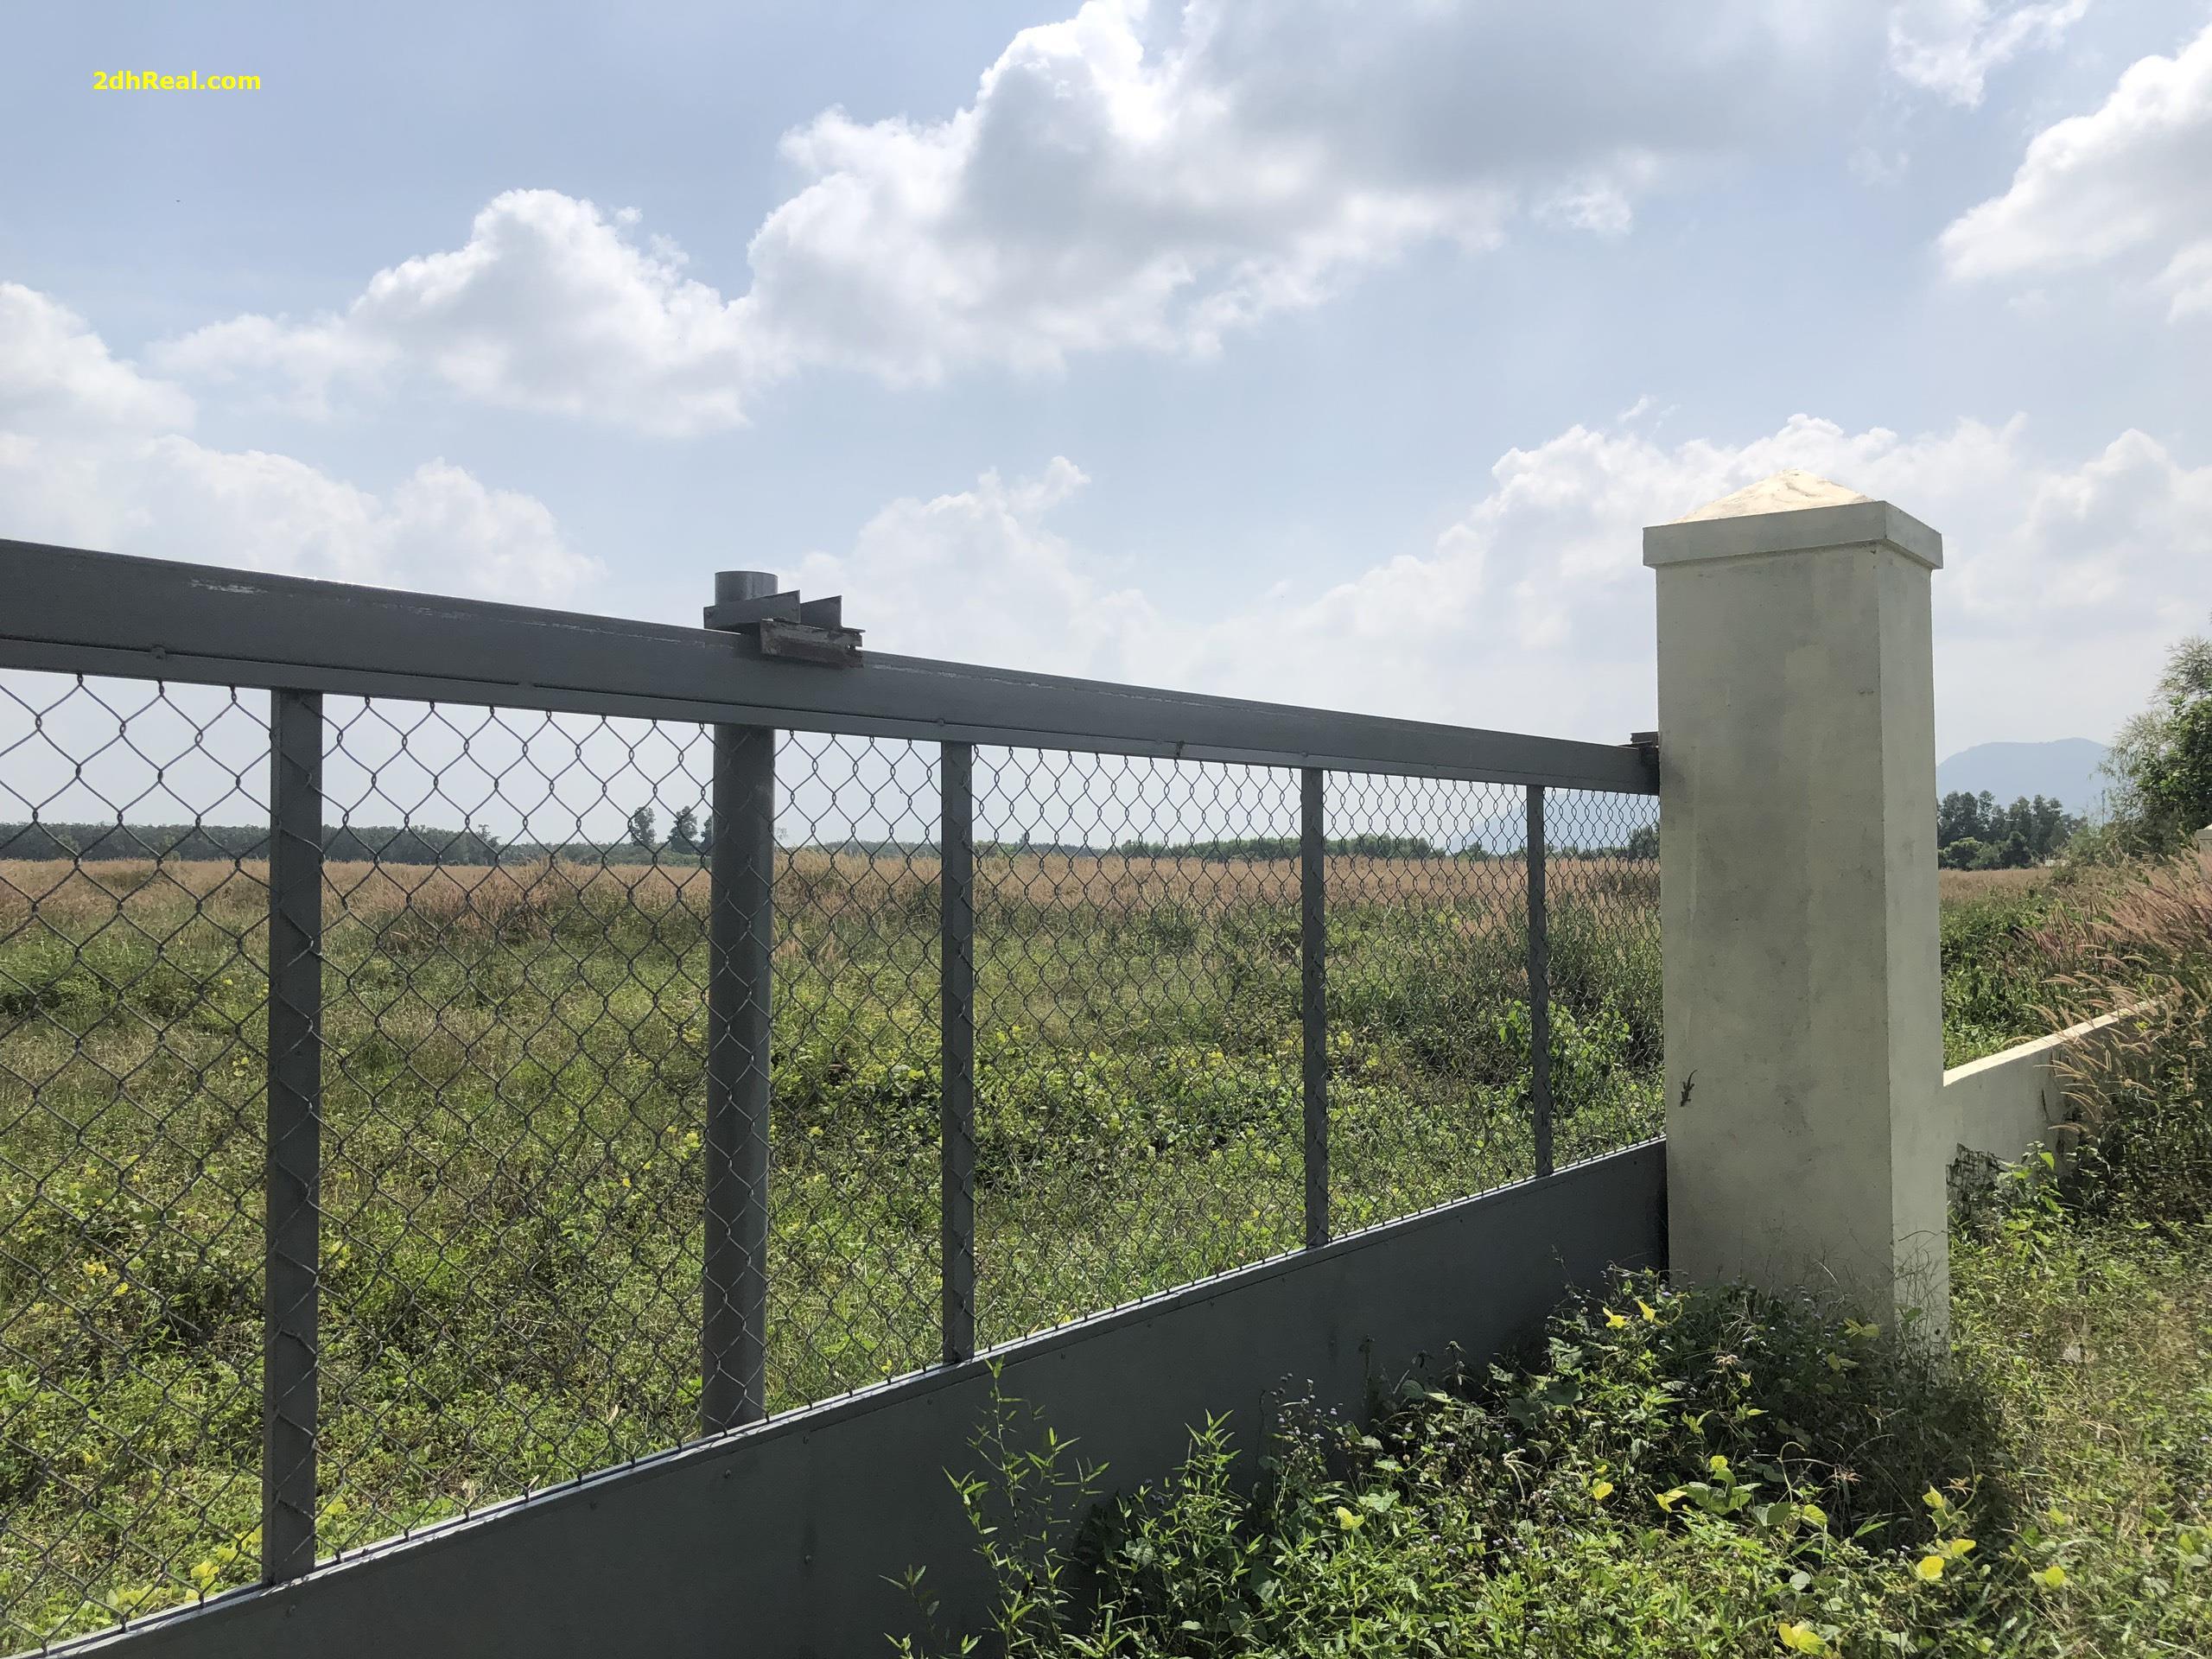 Chuyển nhượng 42ha khu công nghiệp huyện Tân Thành tỉnh Bà Rịa - Vũng Tầu